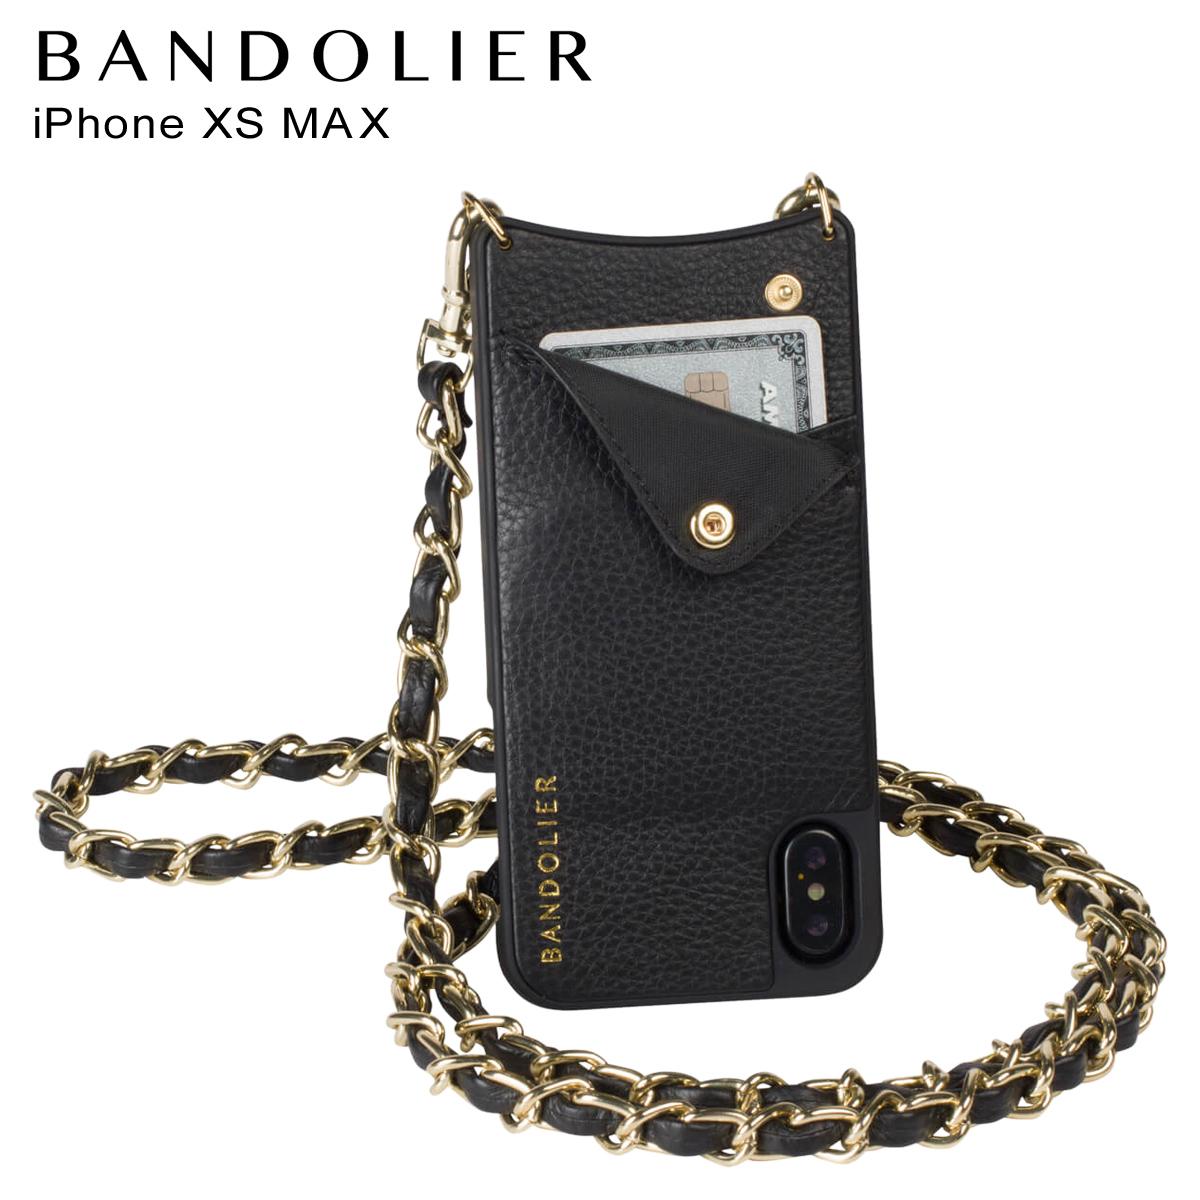 BANDOLIER バンドリヤー iPhone XS MAX ケース ショルダー スマホ アイフォン レザー LUCY GOLD メンズ レディース ブラック 10LCY1001 [3/18 再入荷]